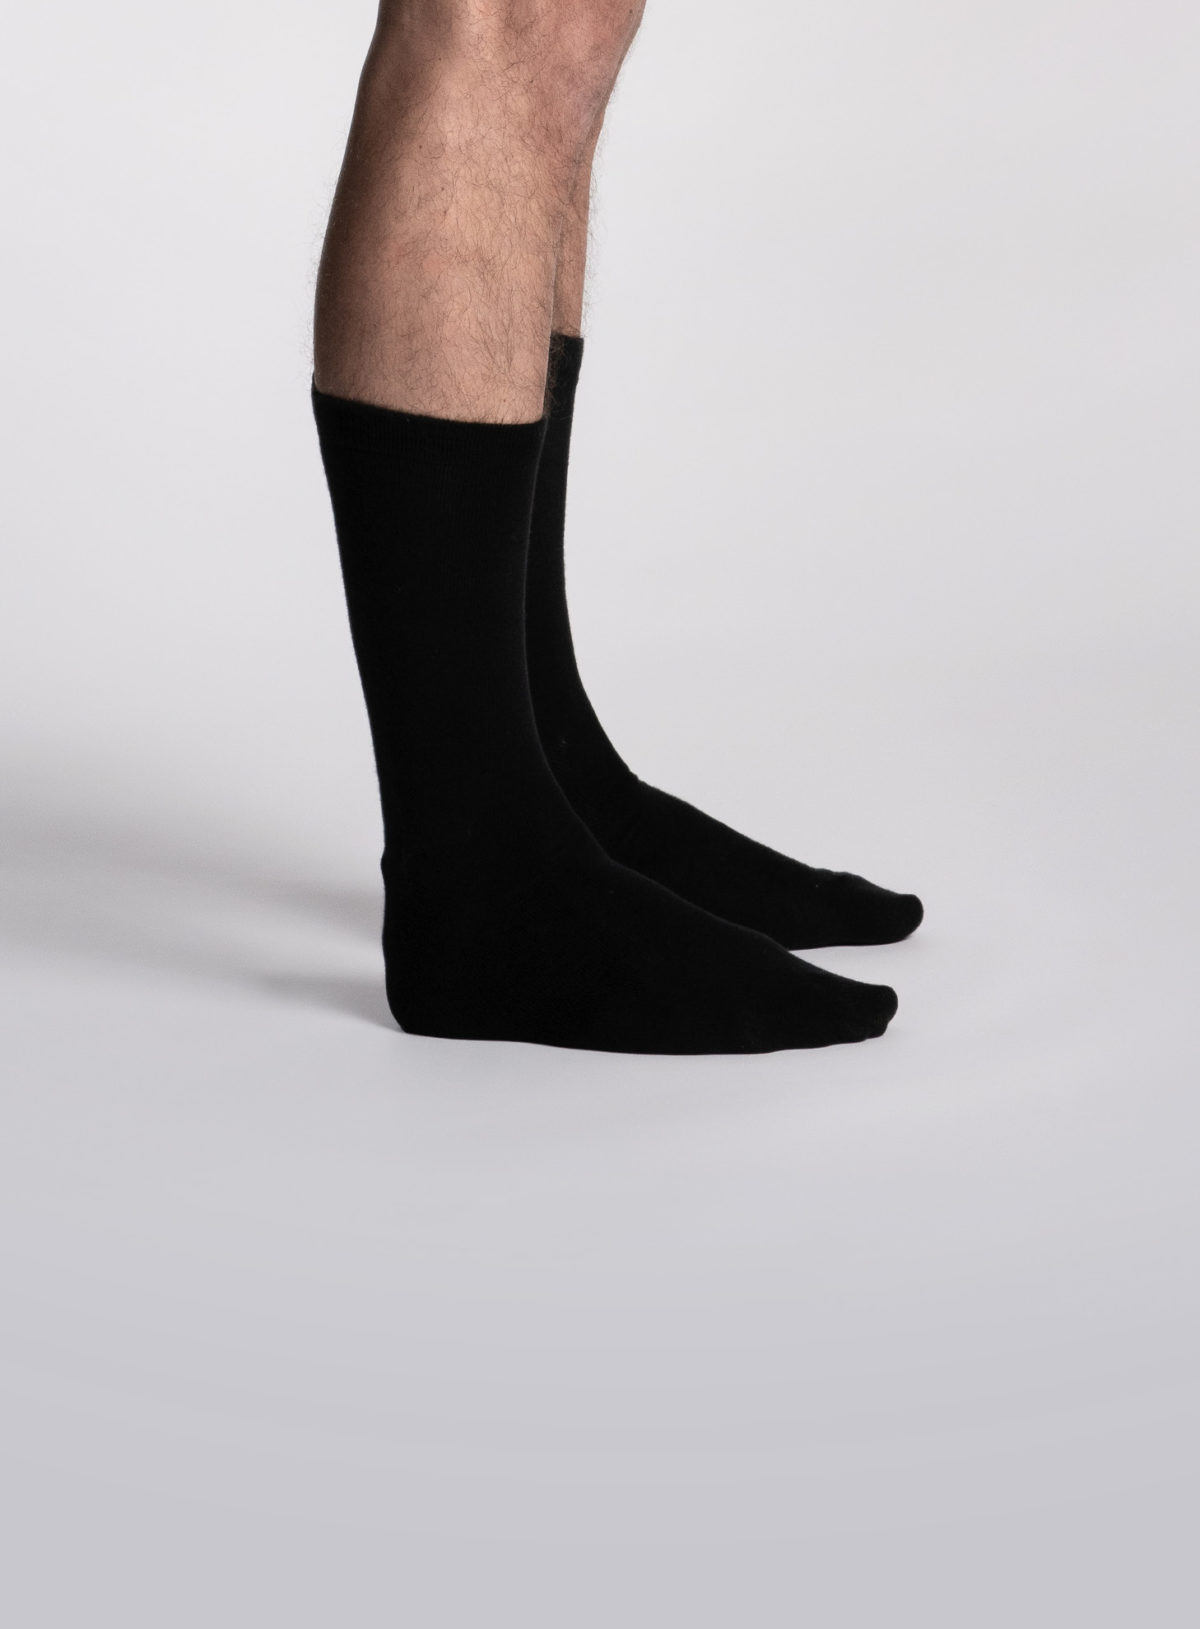 Paire de chaussettes mi-mollet noires pour homme de la marque S BORDEAUX